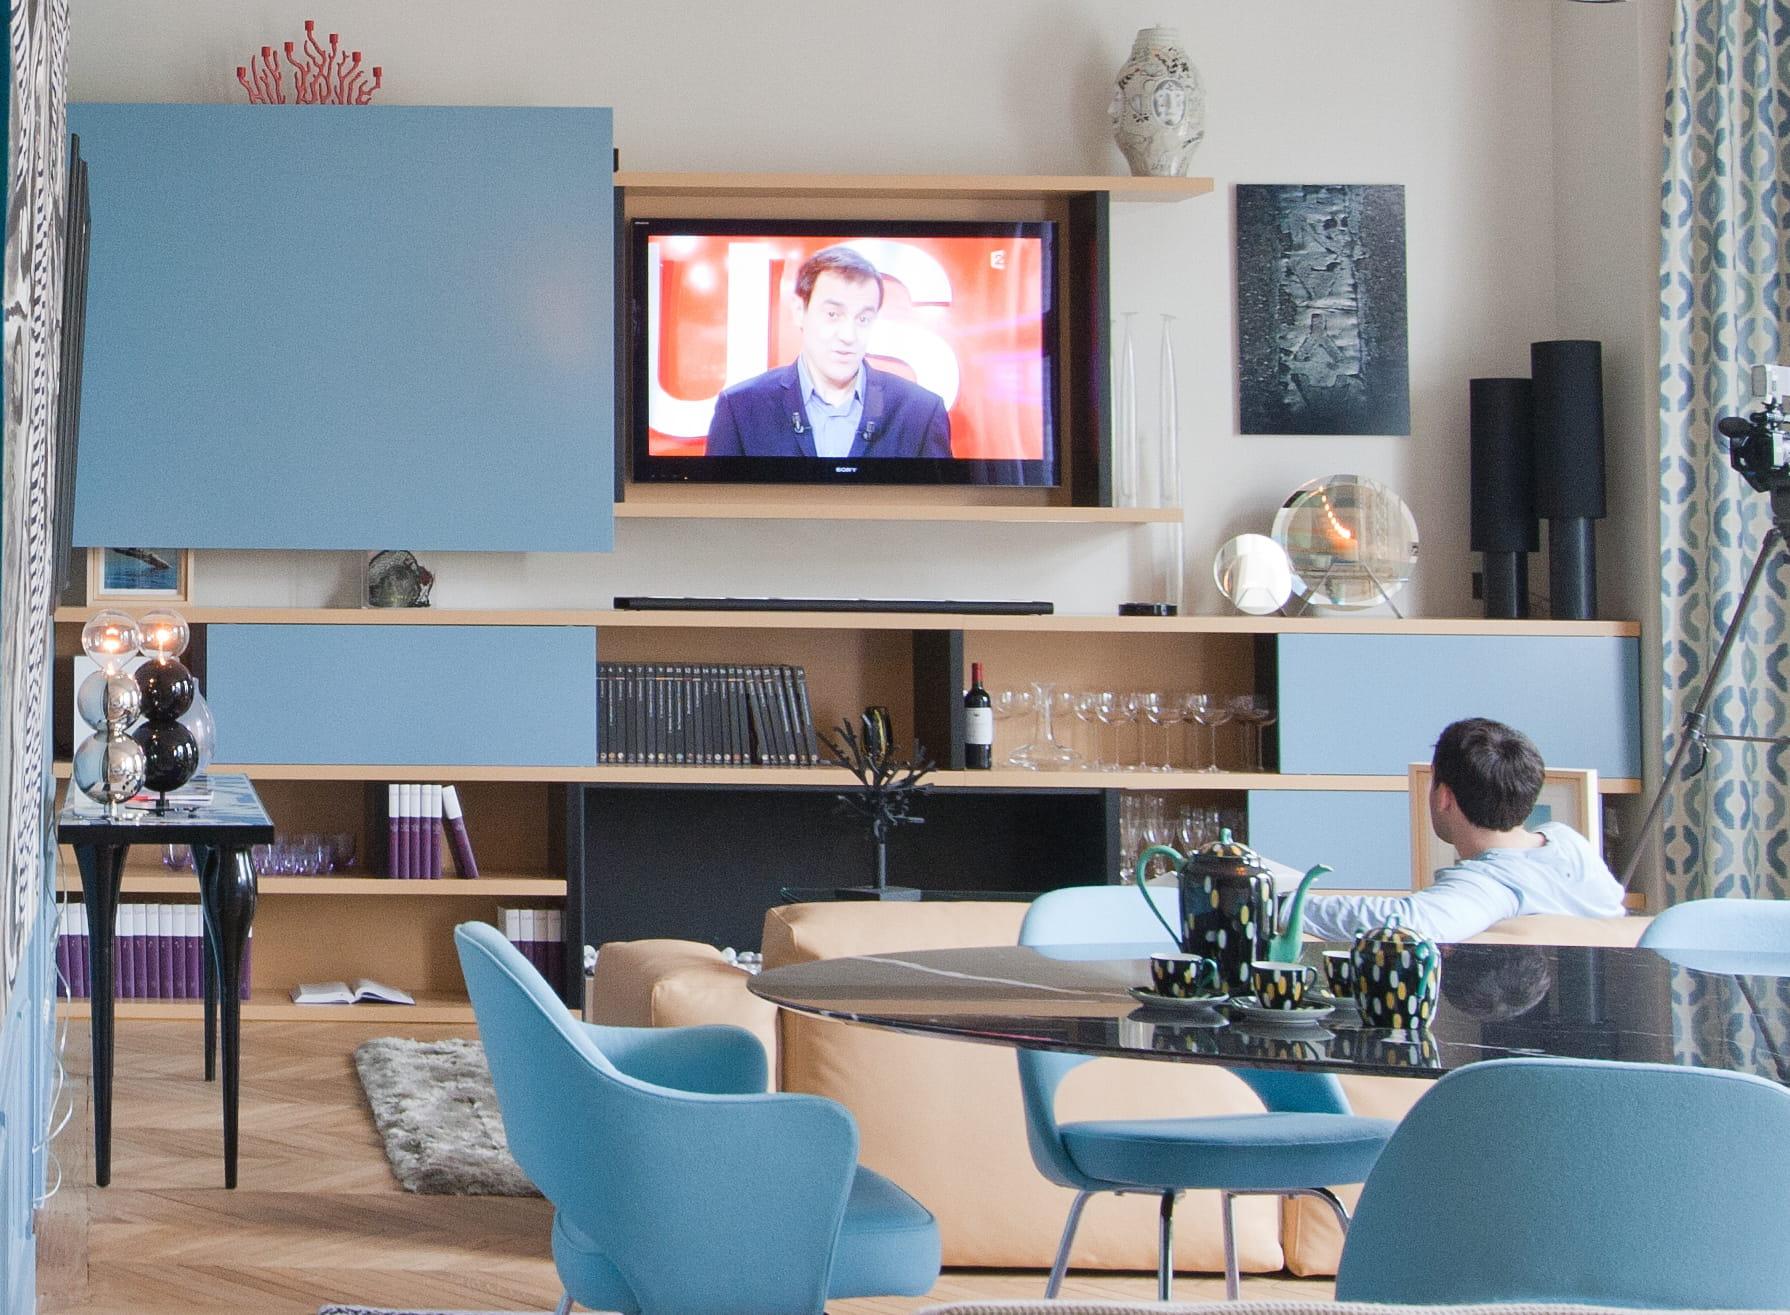 A Quelle Hauteur Mettre Une Tele Au Mur comment aménager son coin télé ?